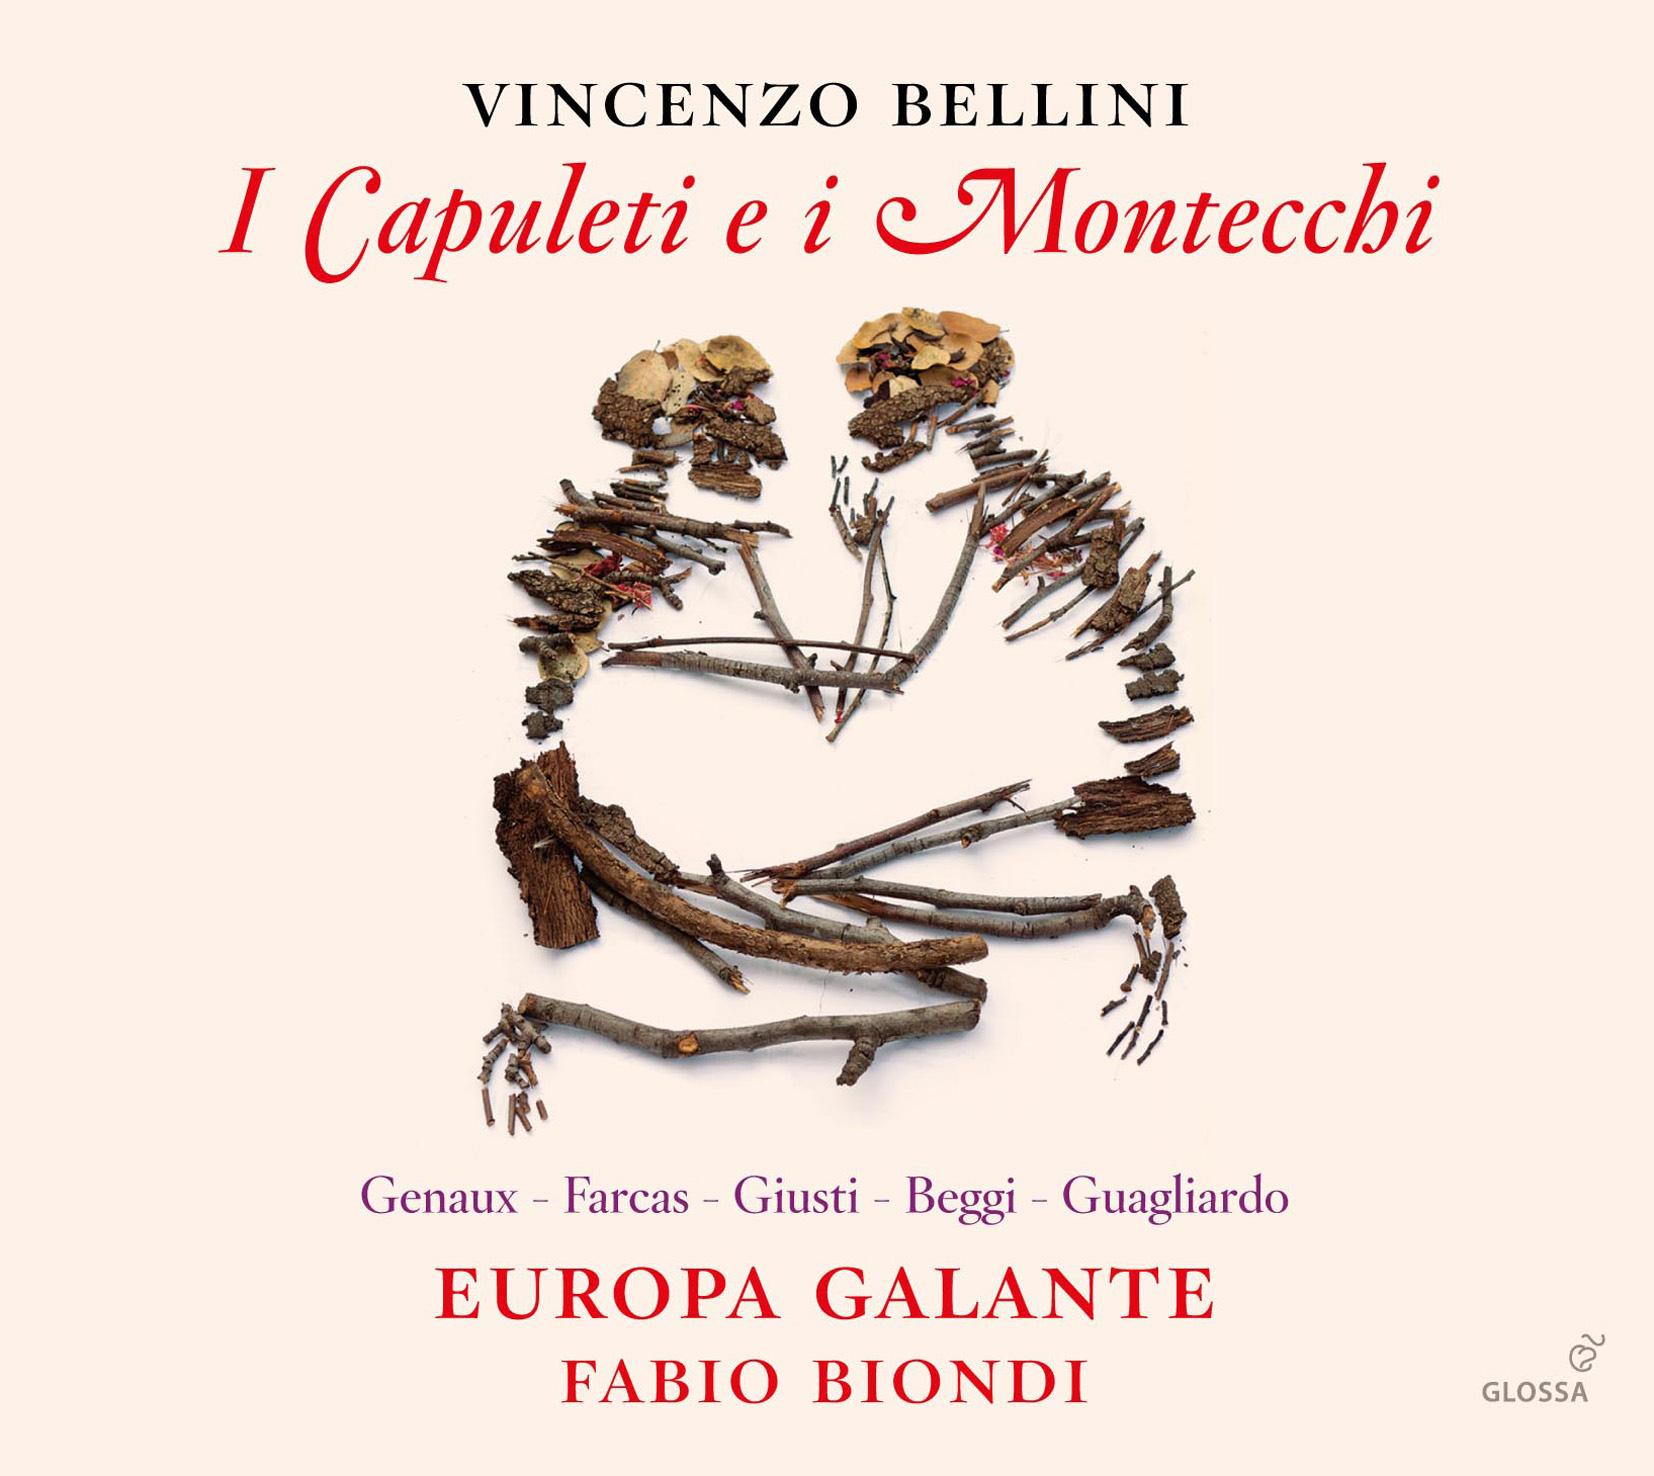 Vincenzo Bellini: I Capuleti e i MontecchiEuropa Galante / Fabio BiondiGlossa, 2015 -